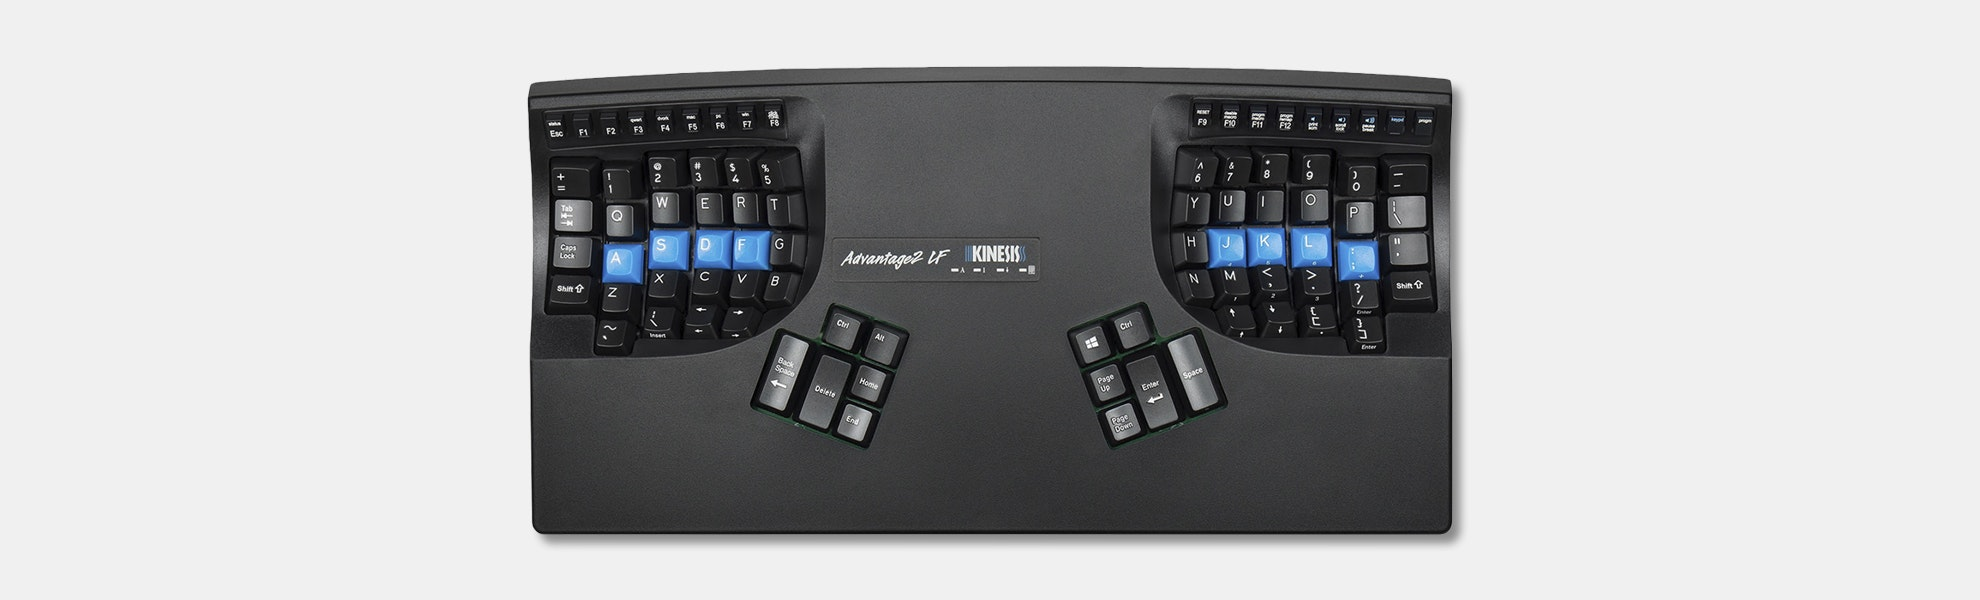 Kinesis Advantage2 LF Mechanical Keyboard